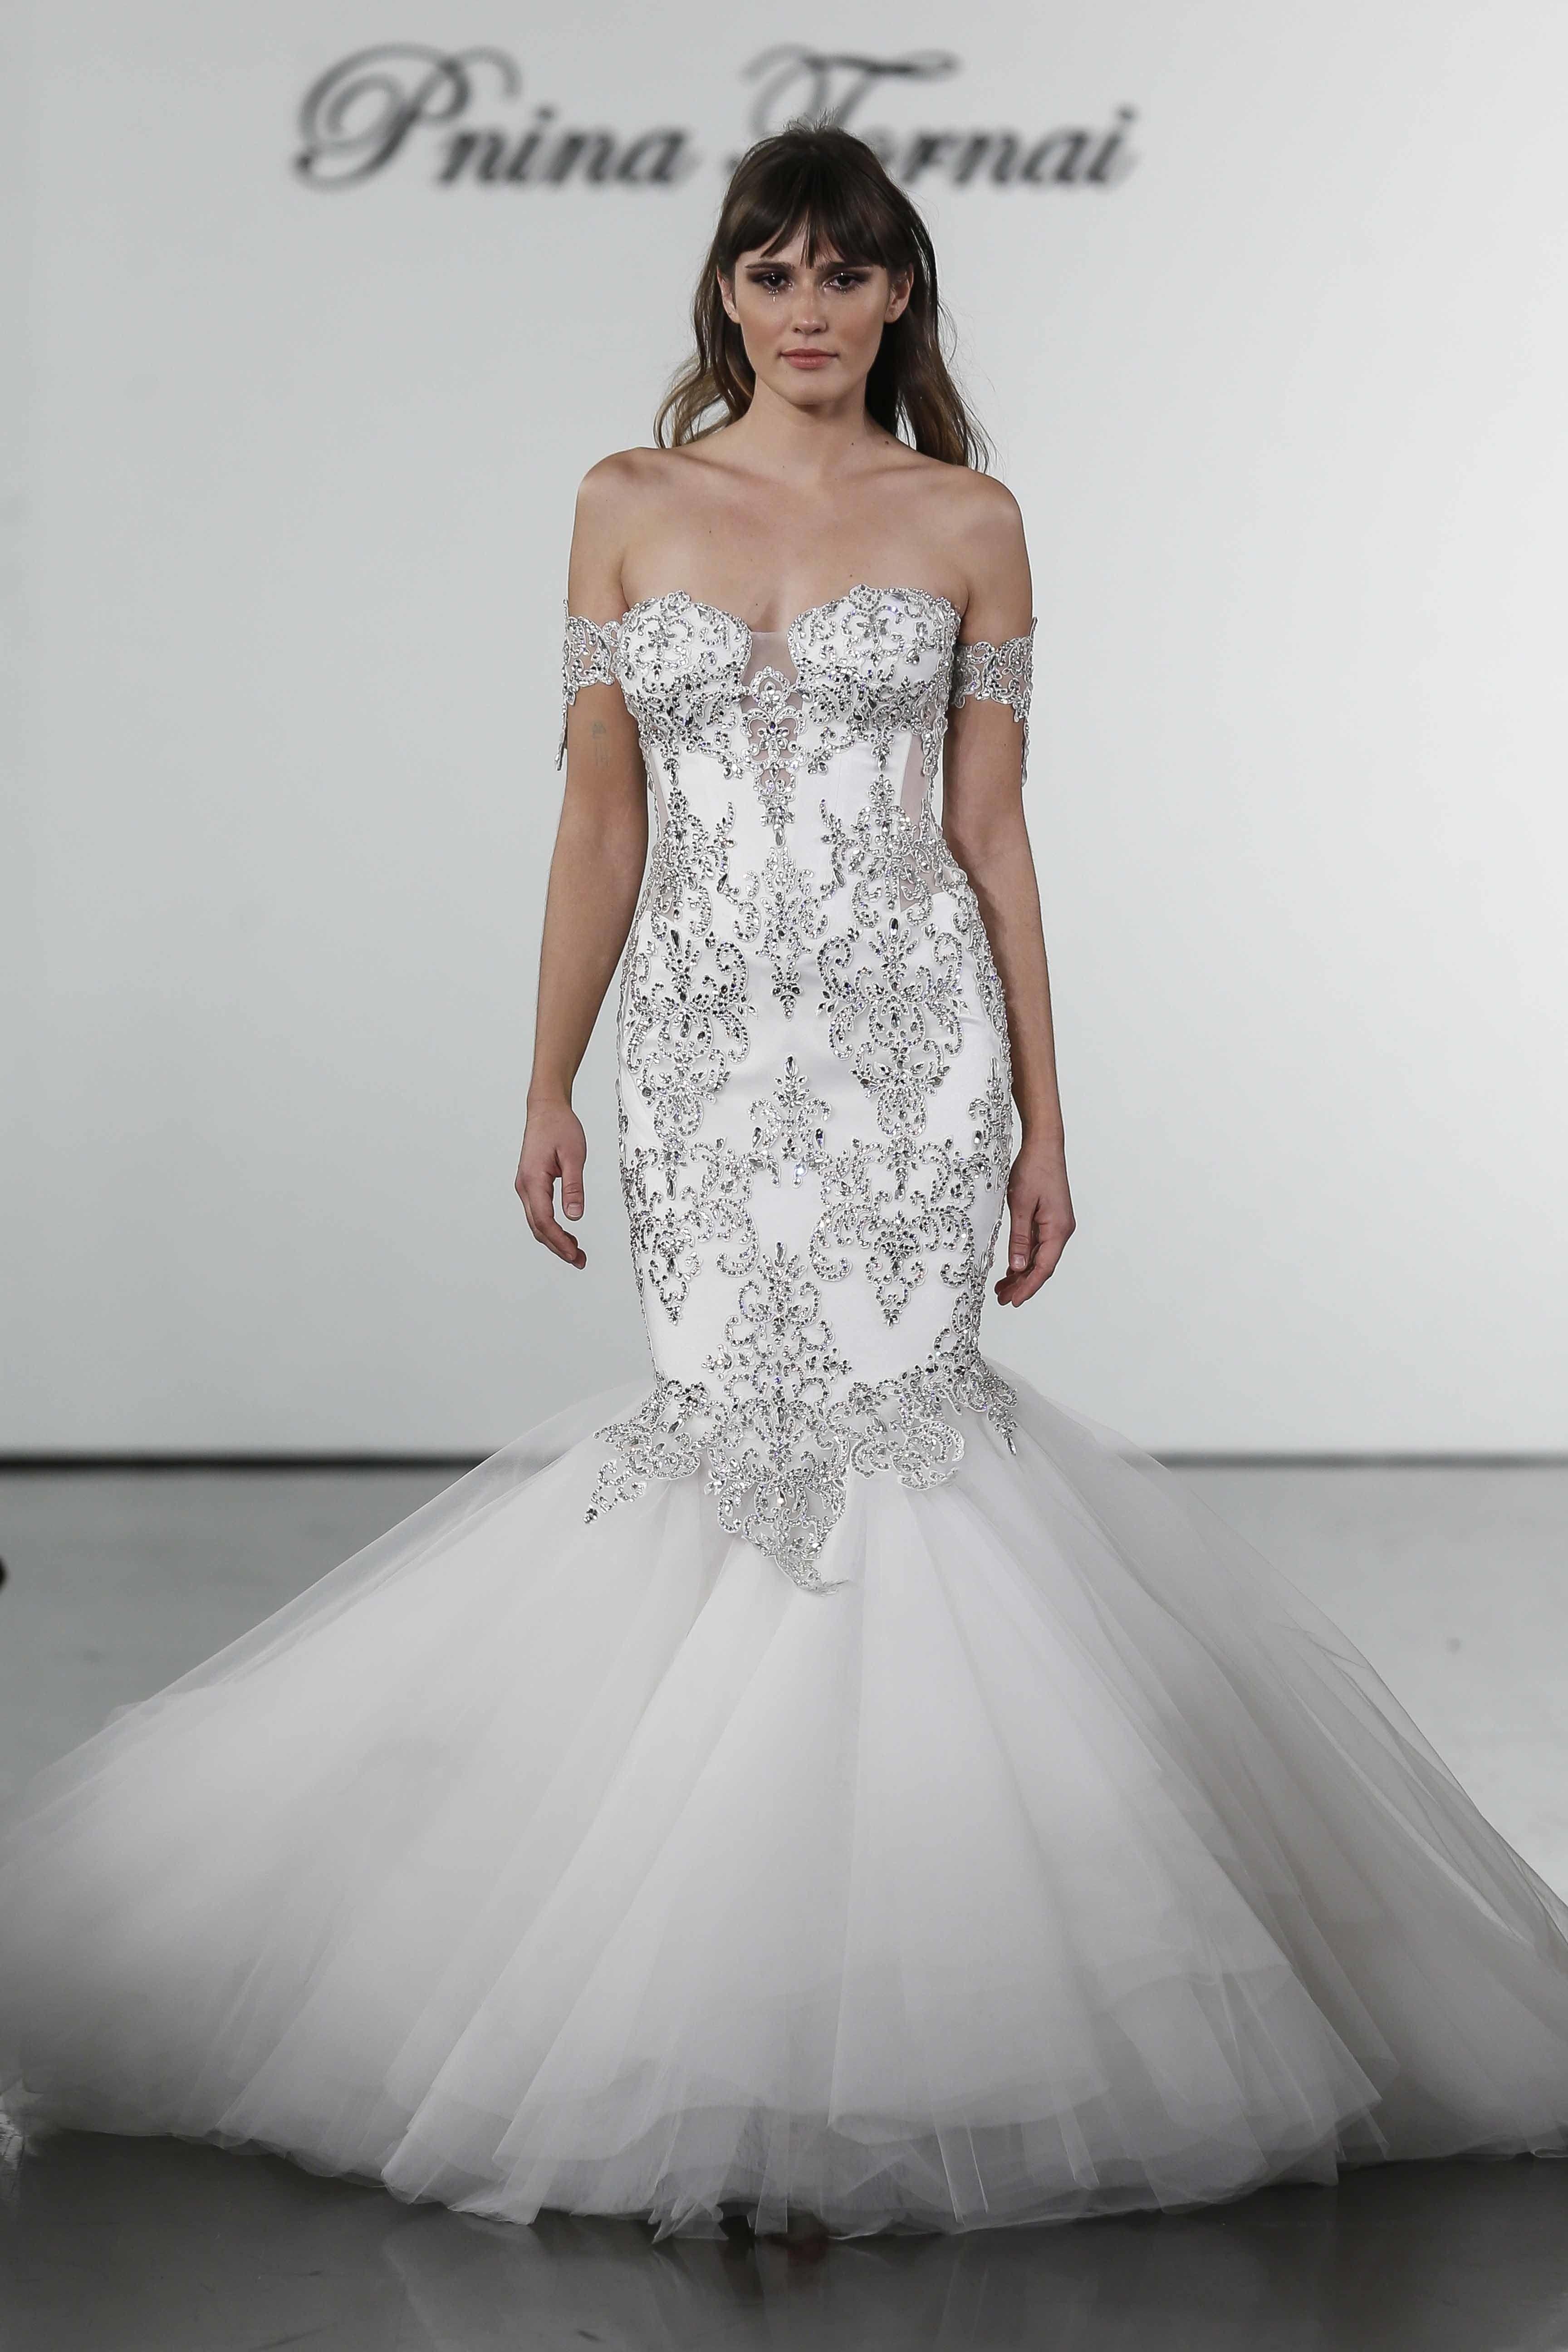 Pnina Tornai Bridal Wedding Dress Collection Fall 2019 Brides Expensive Wedding Dress Pnina Tornai Wedding Dress Most Expensive Wedding Dress